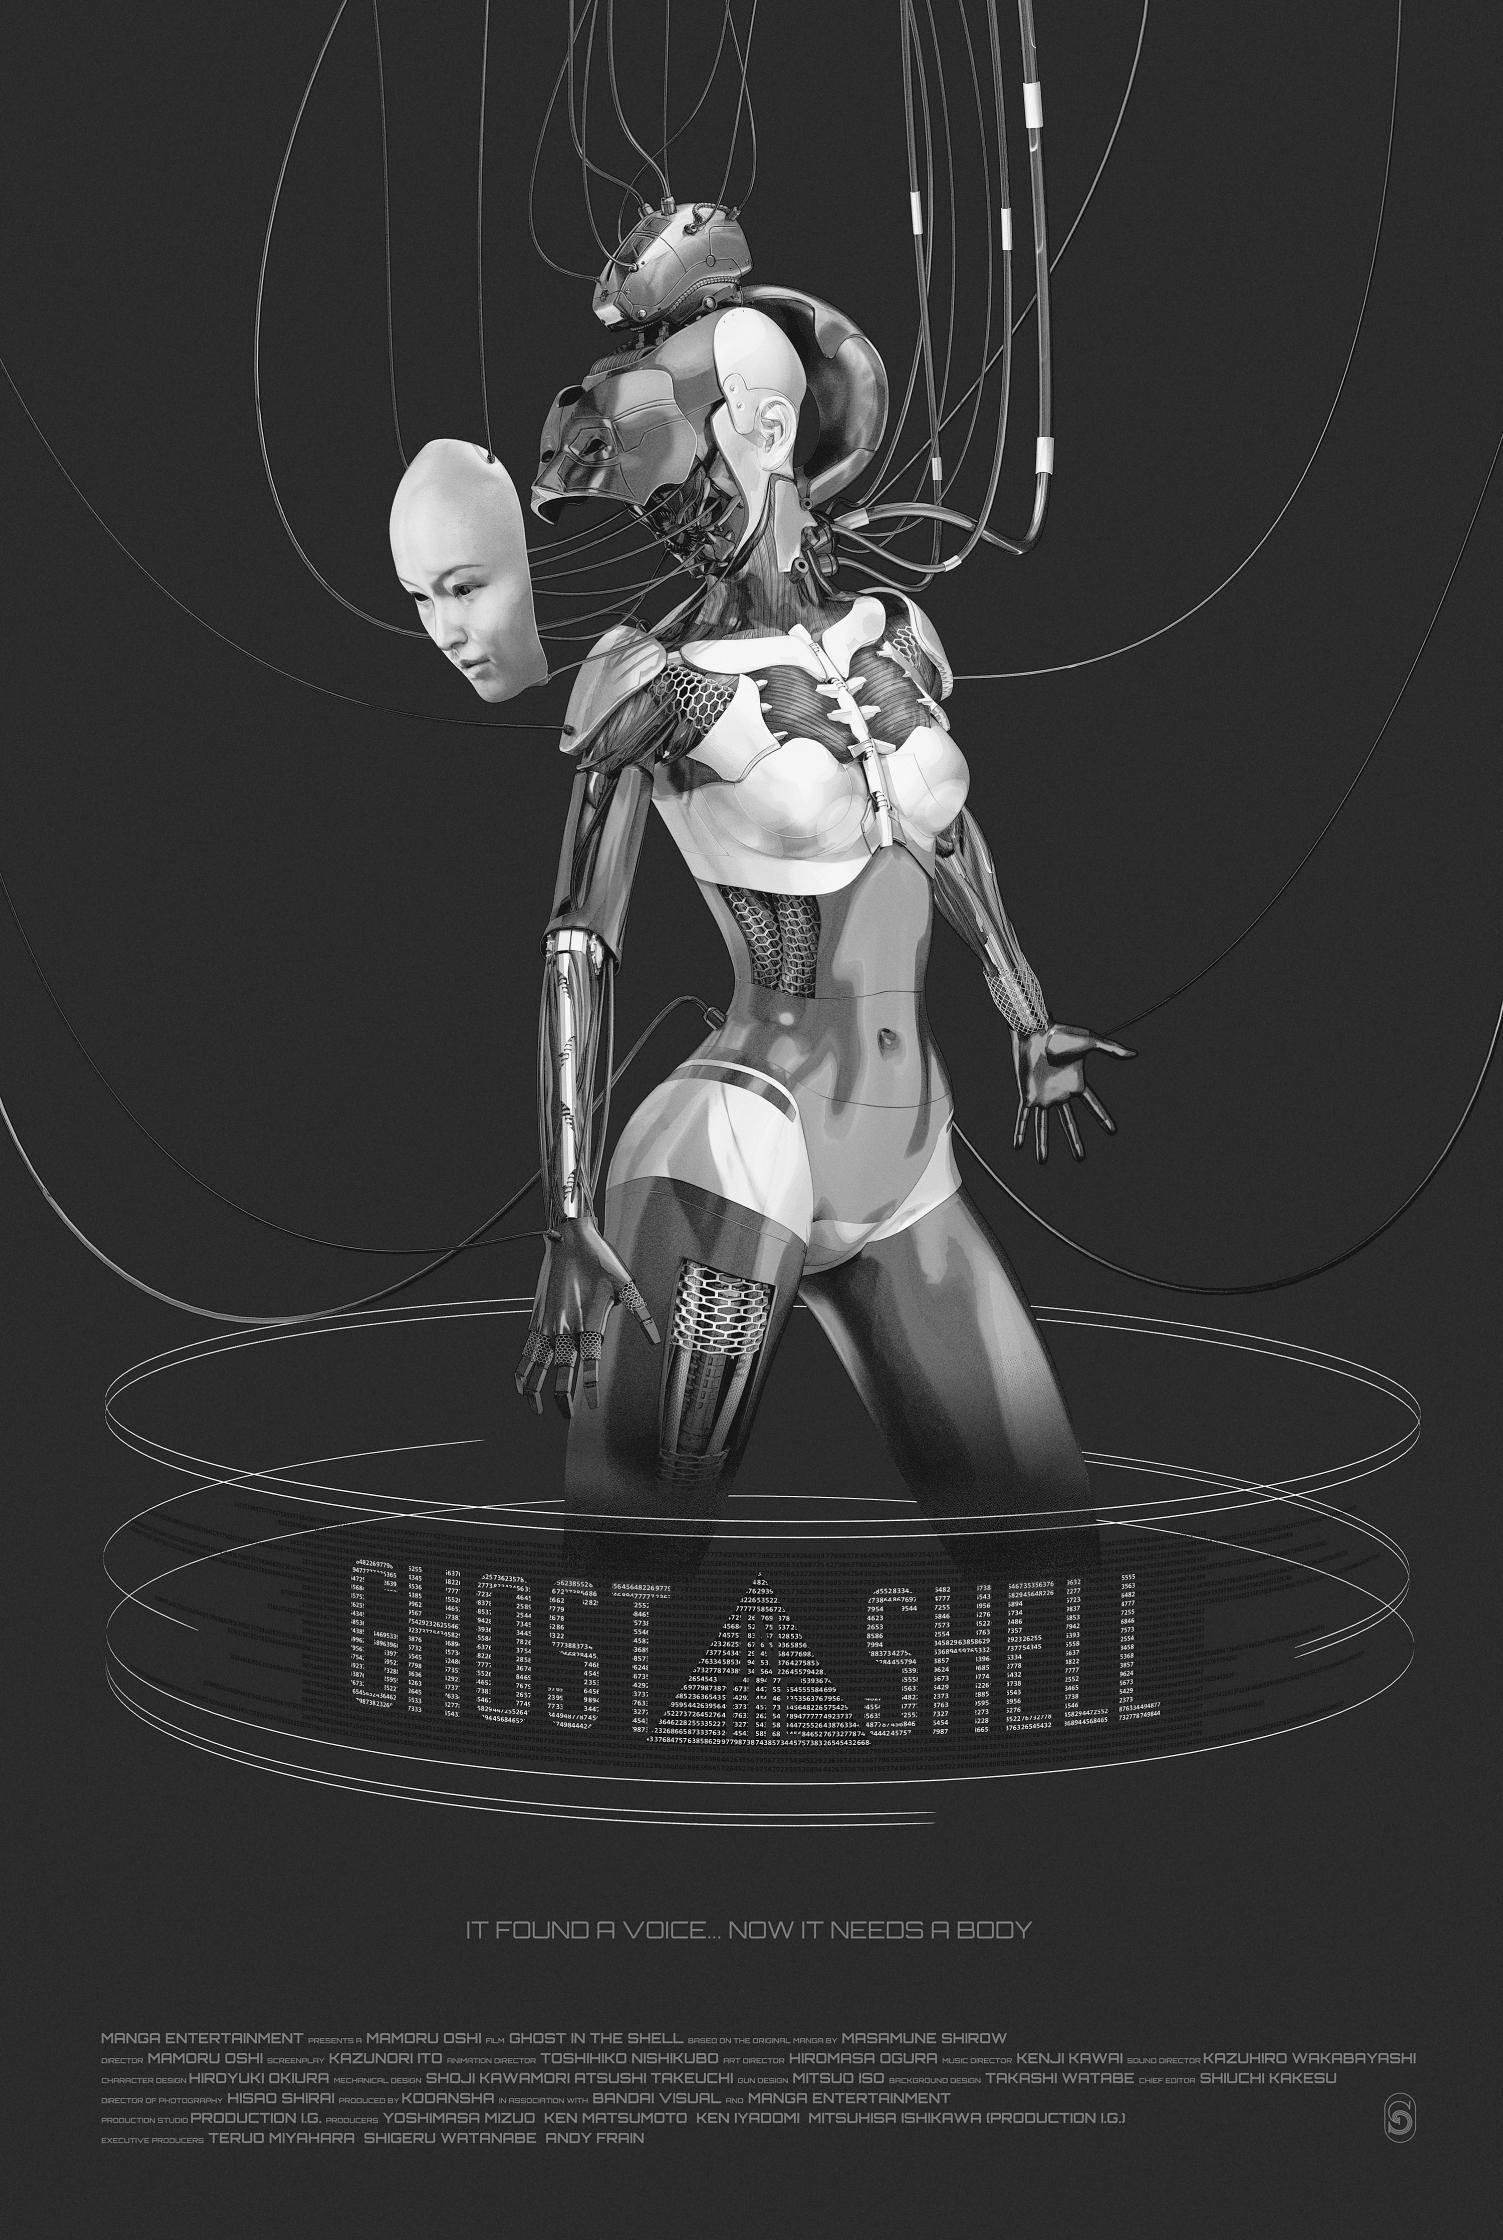 Skinner-GhostInTheShell.jpg